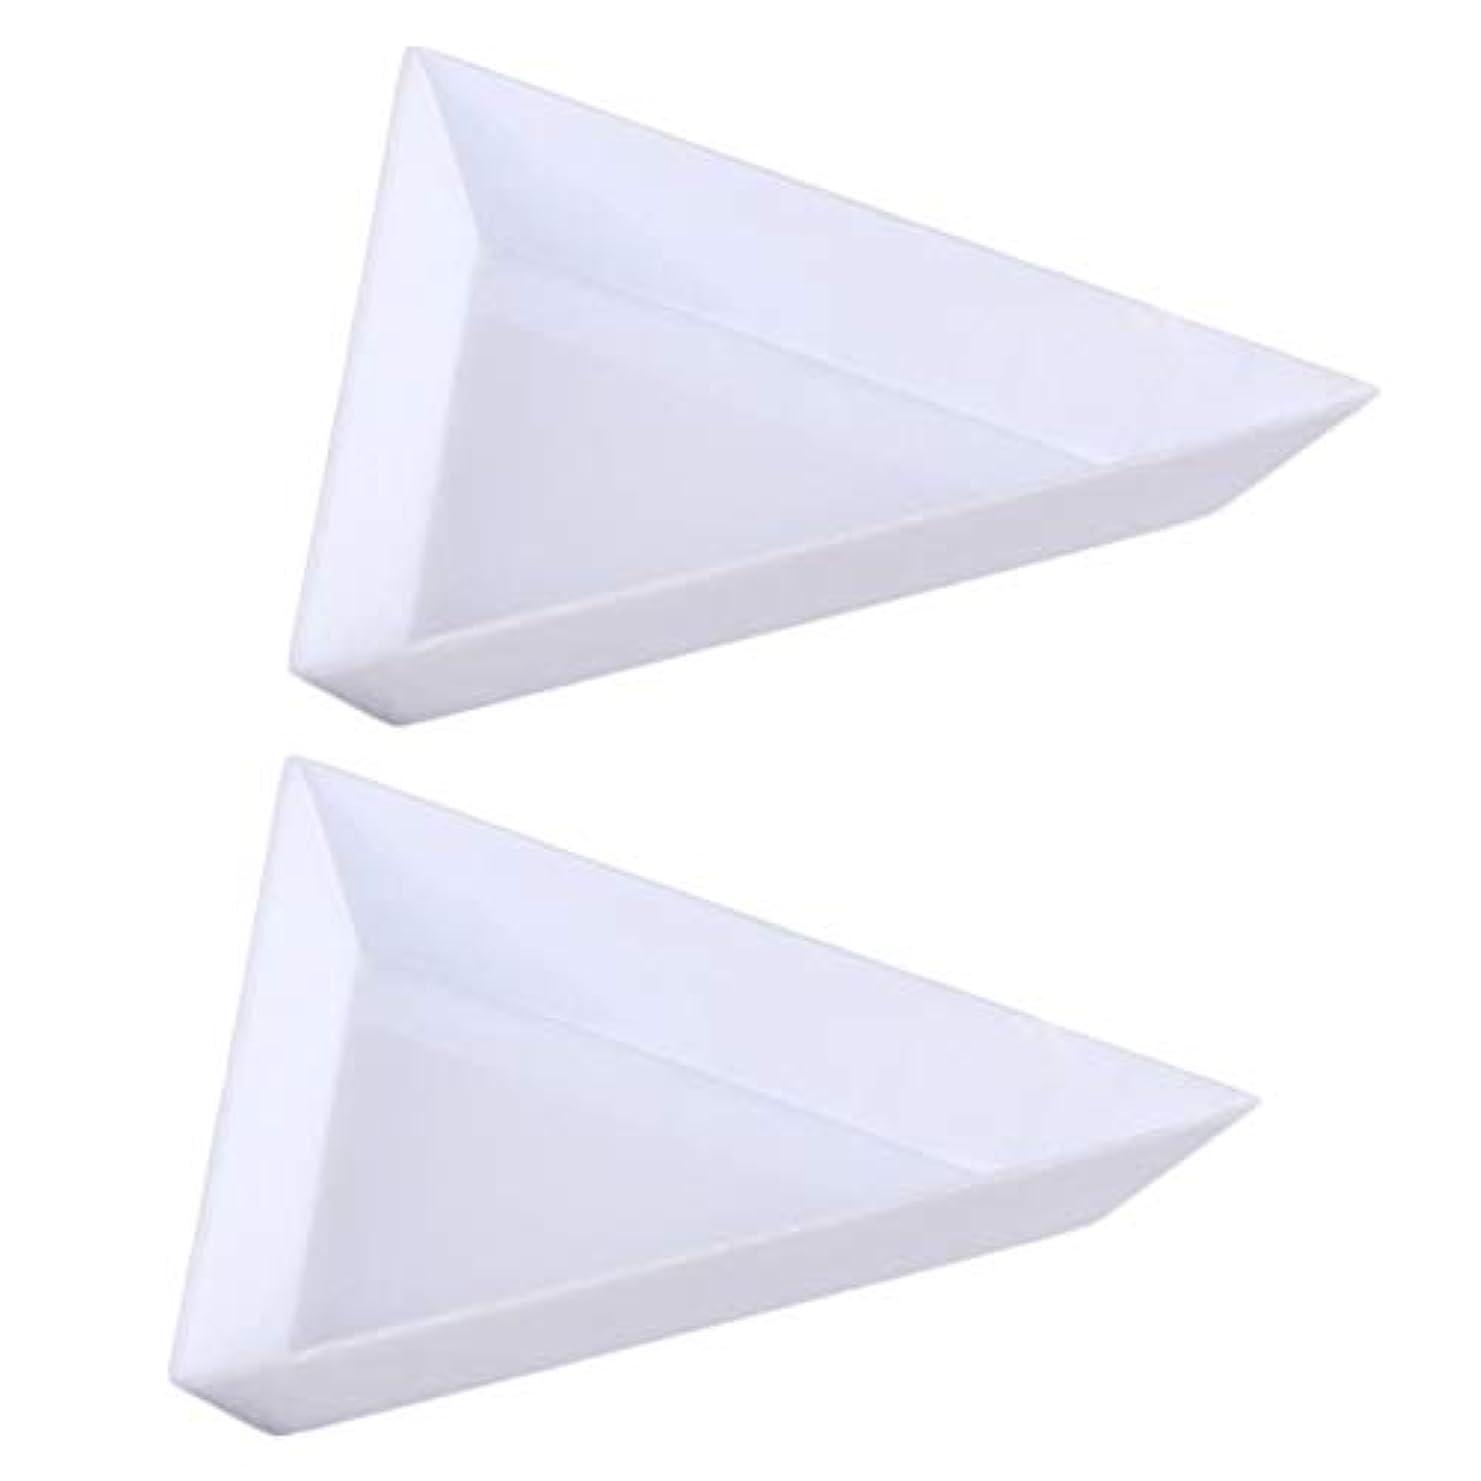 起訴する知覚共役TOOGOO 10個三角コーナープラスチックラインストーンビーズ 結晶 ネイルアートソーティングトレイアクセサリー白 DiyネイルアートデコレーションDotting収納トレイ オーガニゼーションに最適